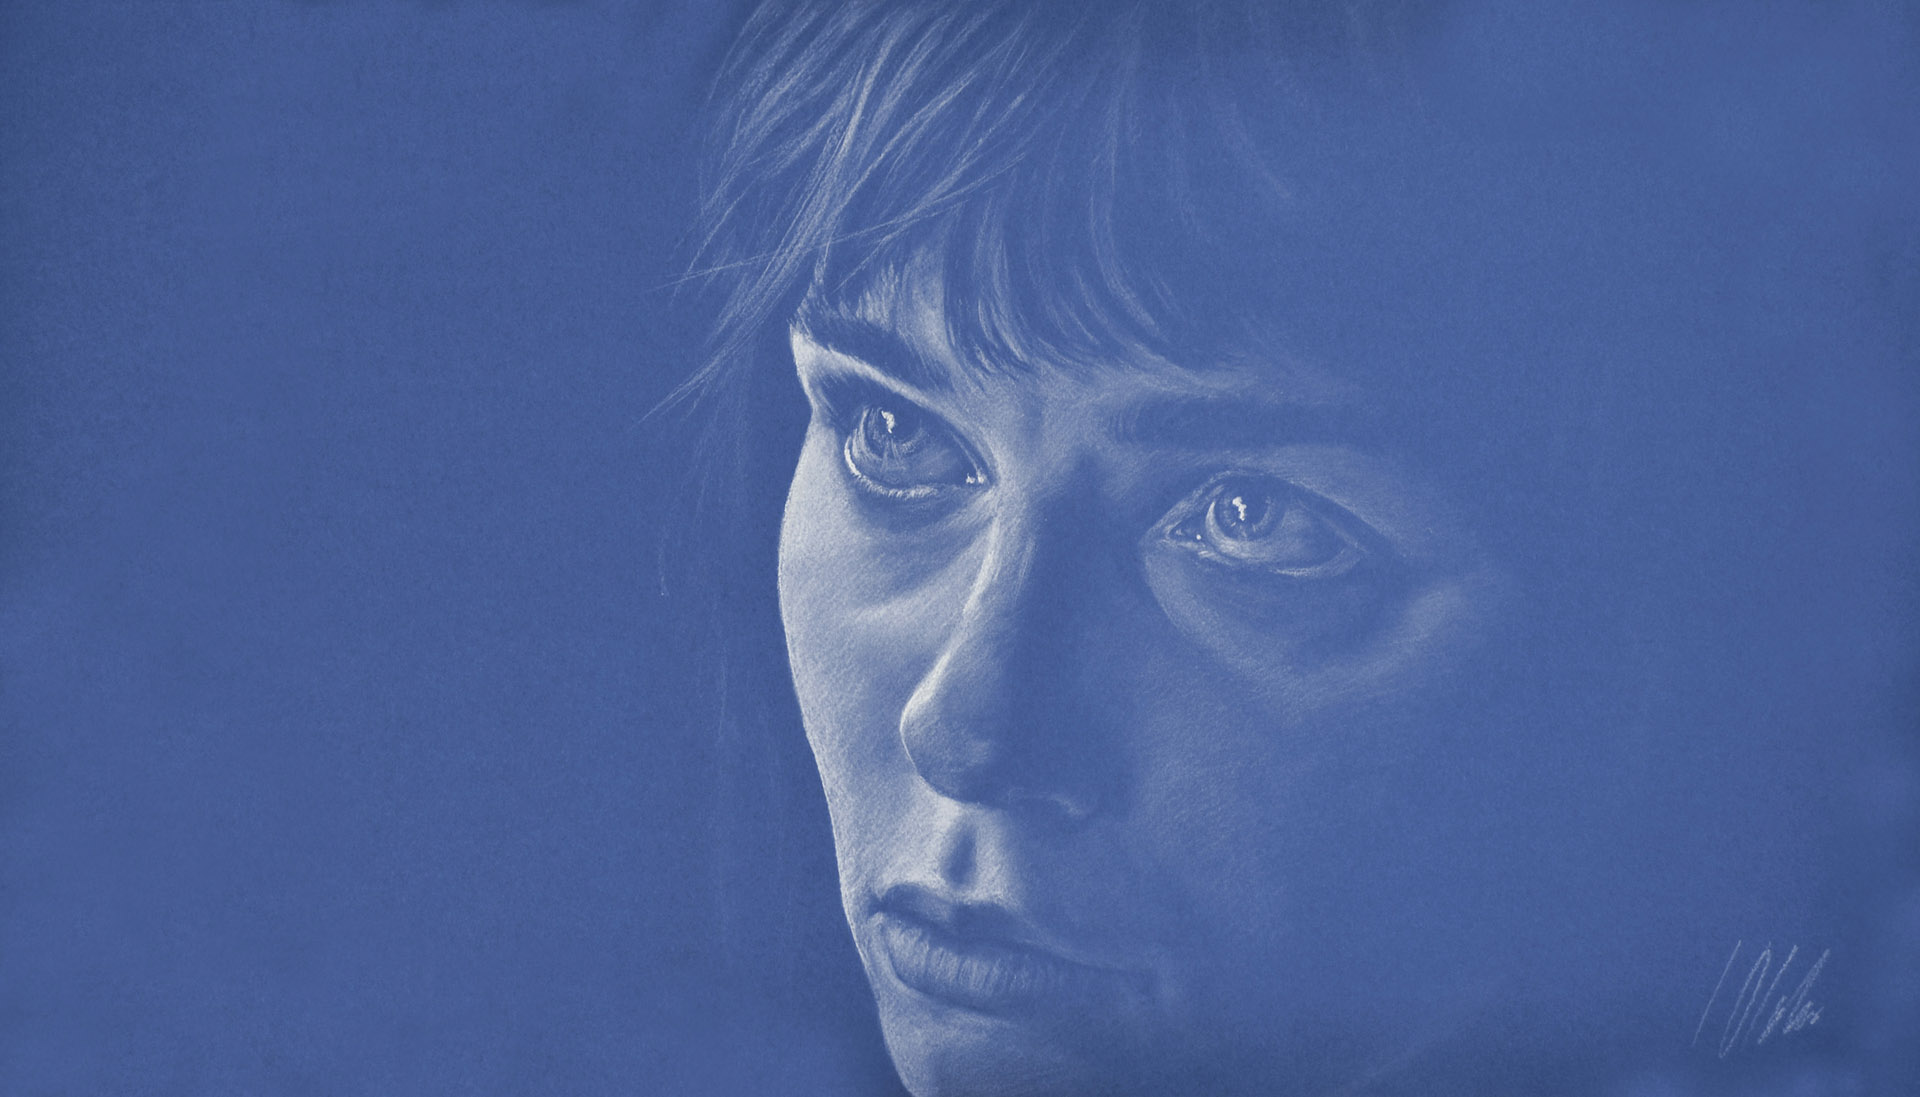 Muchacha sobre fondo azul. Javier Olmedo, pastel blanco sobre papel azul de 70 x 40 cm. Año 2016. PV 165 €